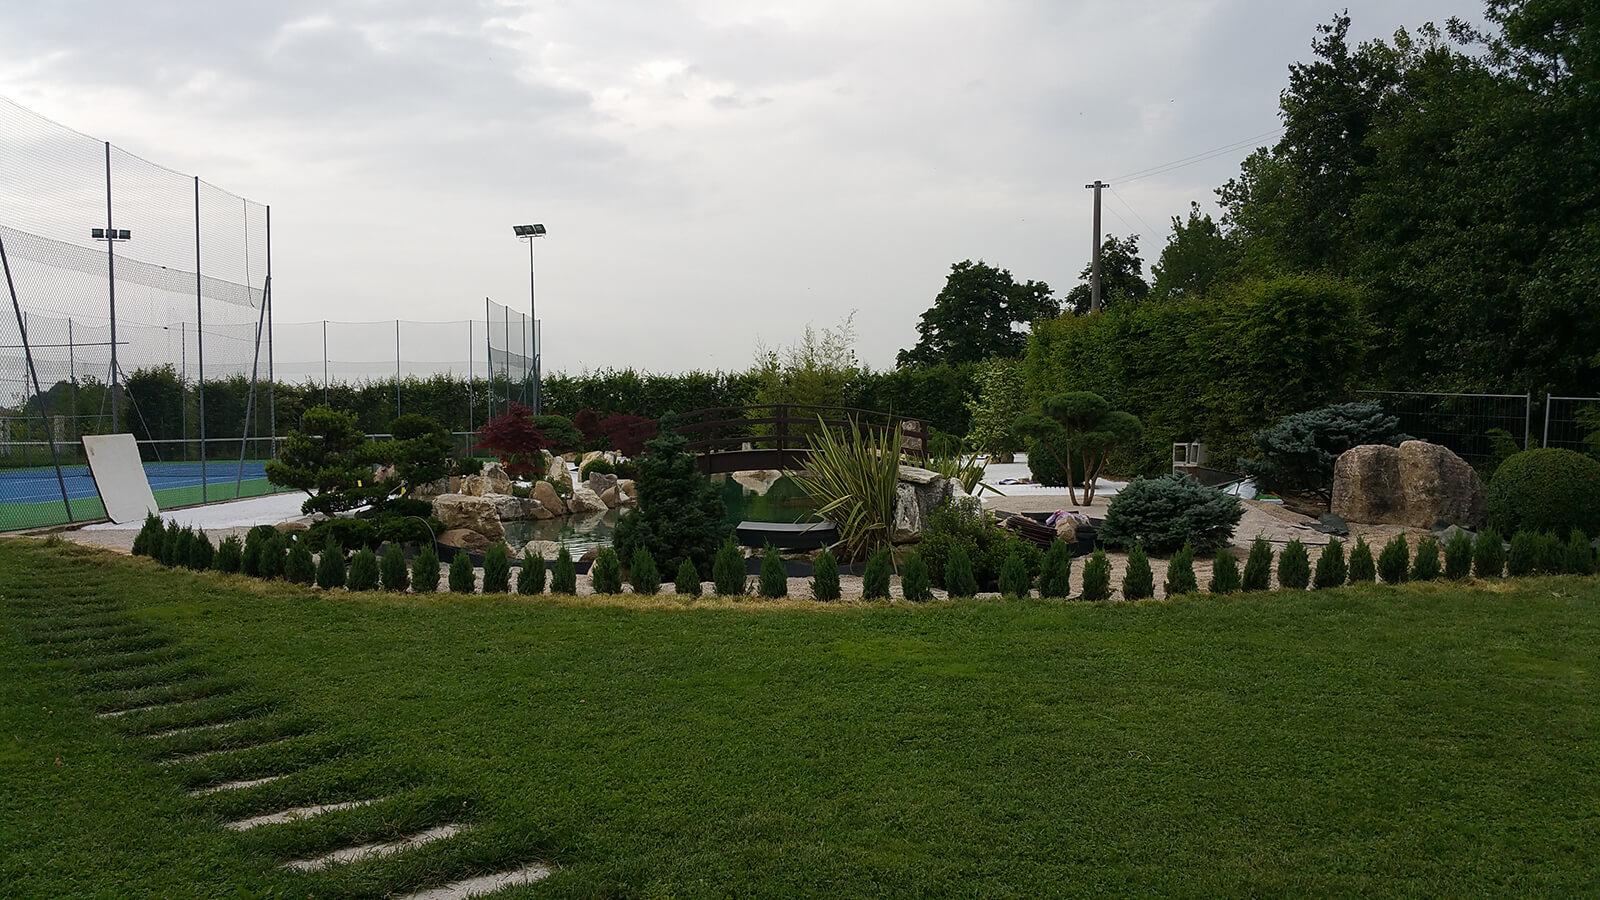 progettazione realizzazione giardini monticello conte otto - verde blu giardini 16